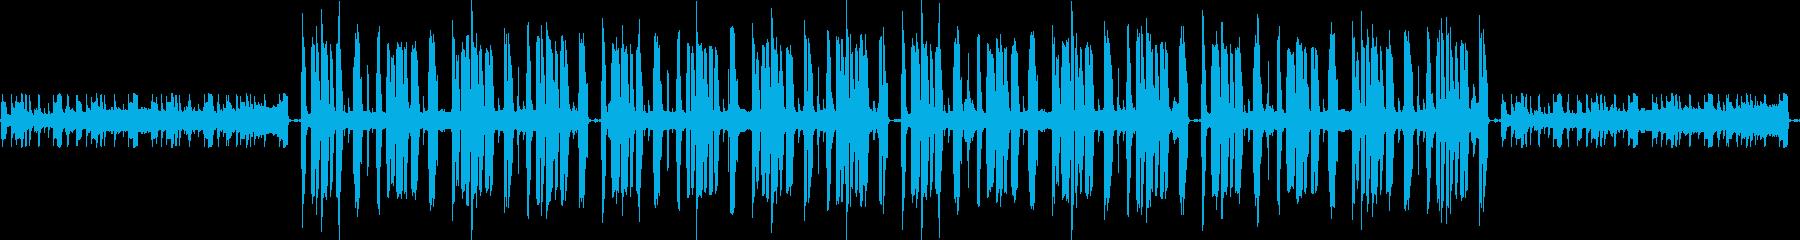 リラックス・緩い作業用ブレイクビーツの再生済みの波形